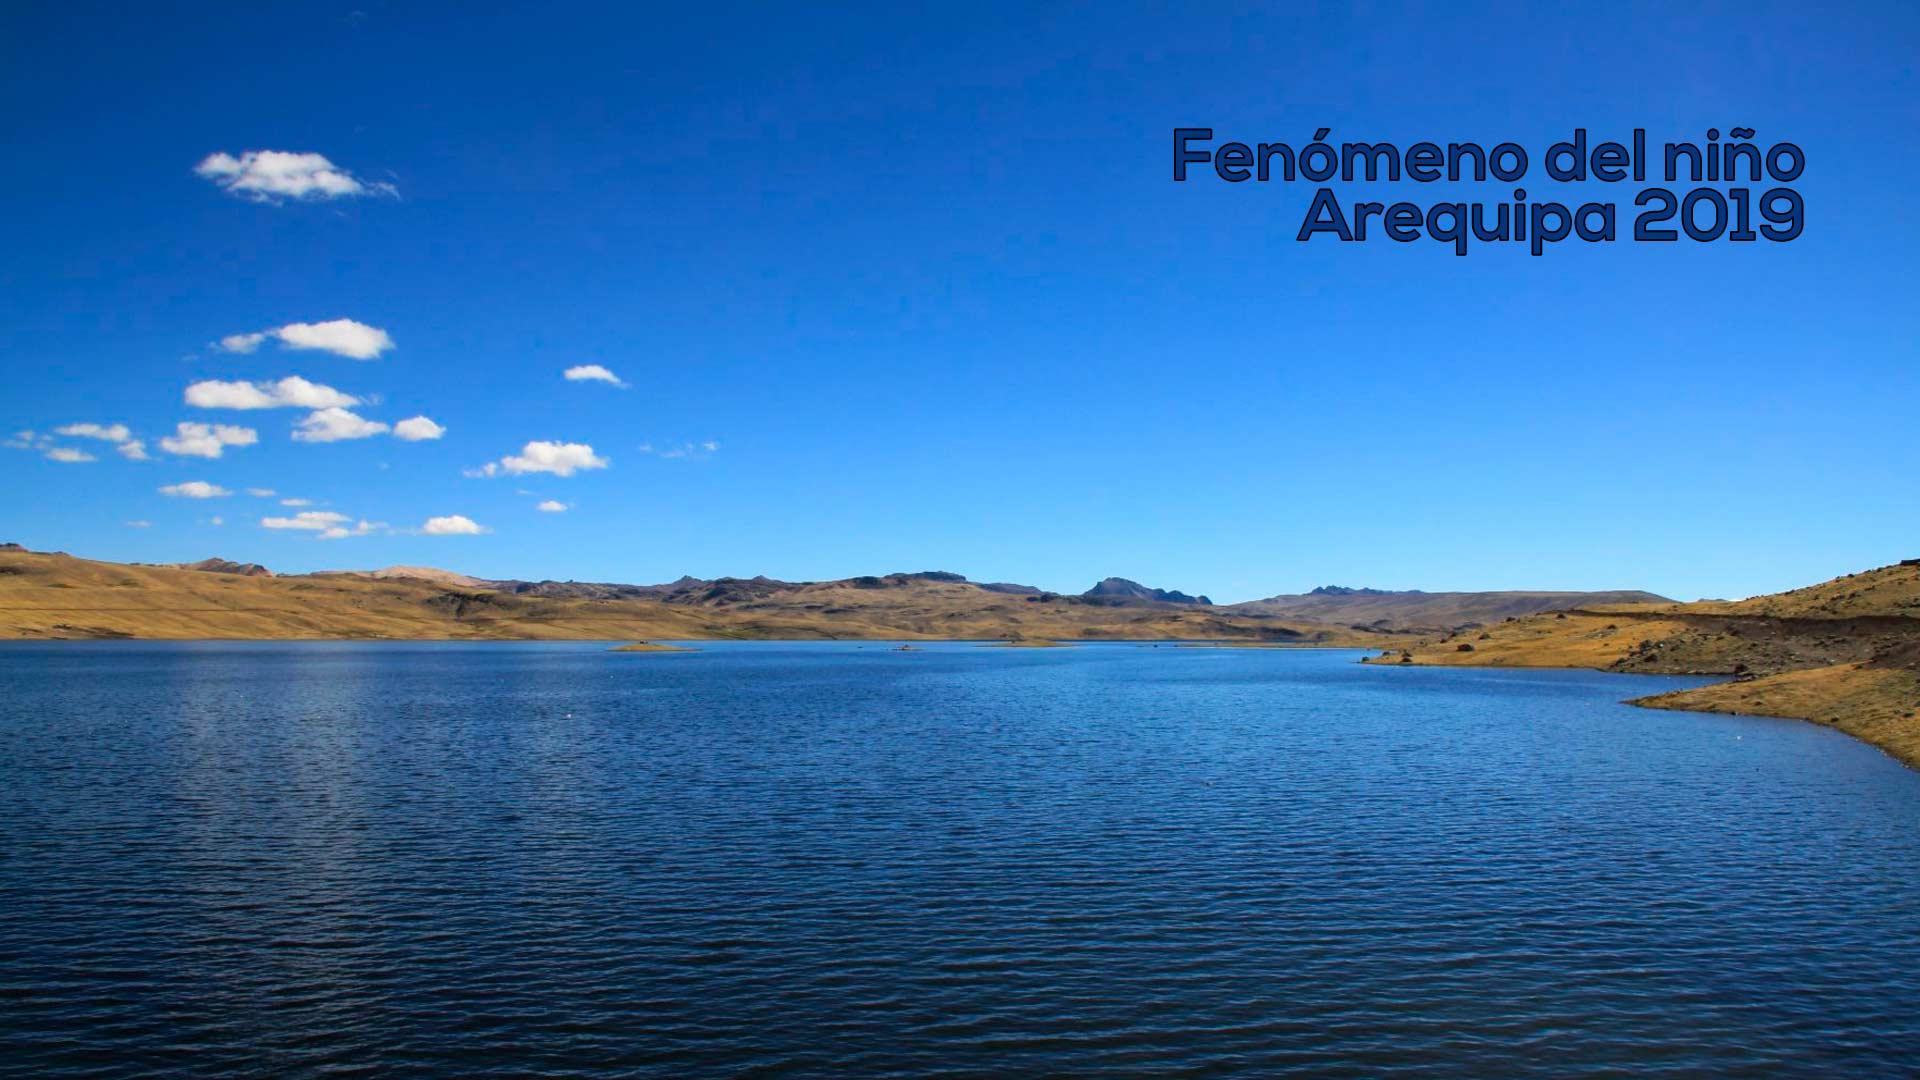 Fenómeno del niño Arequipa 2019